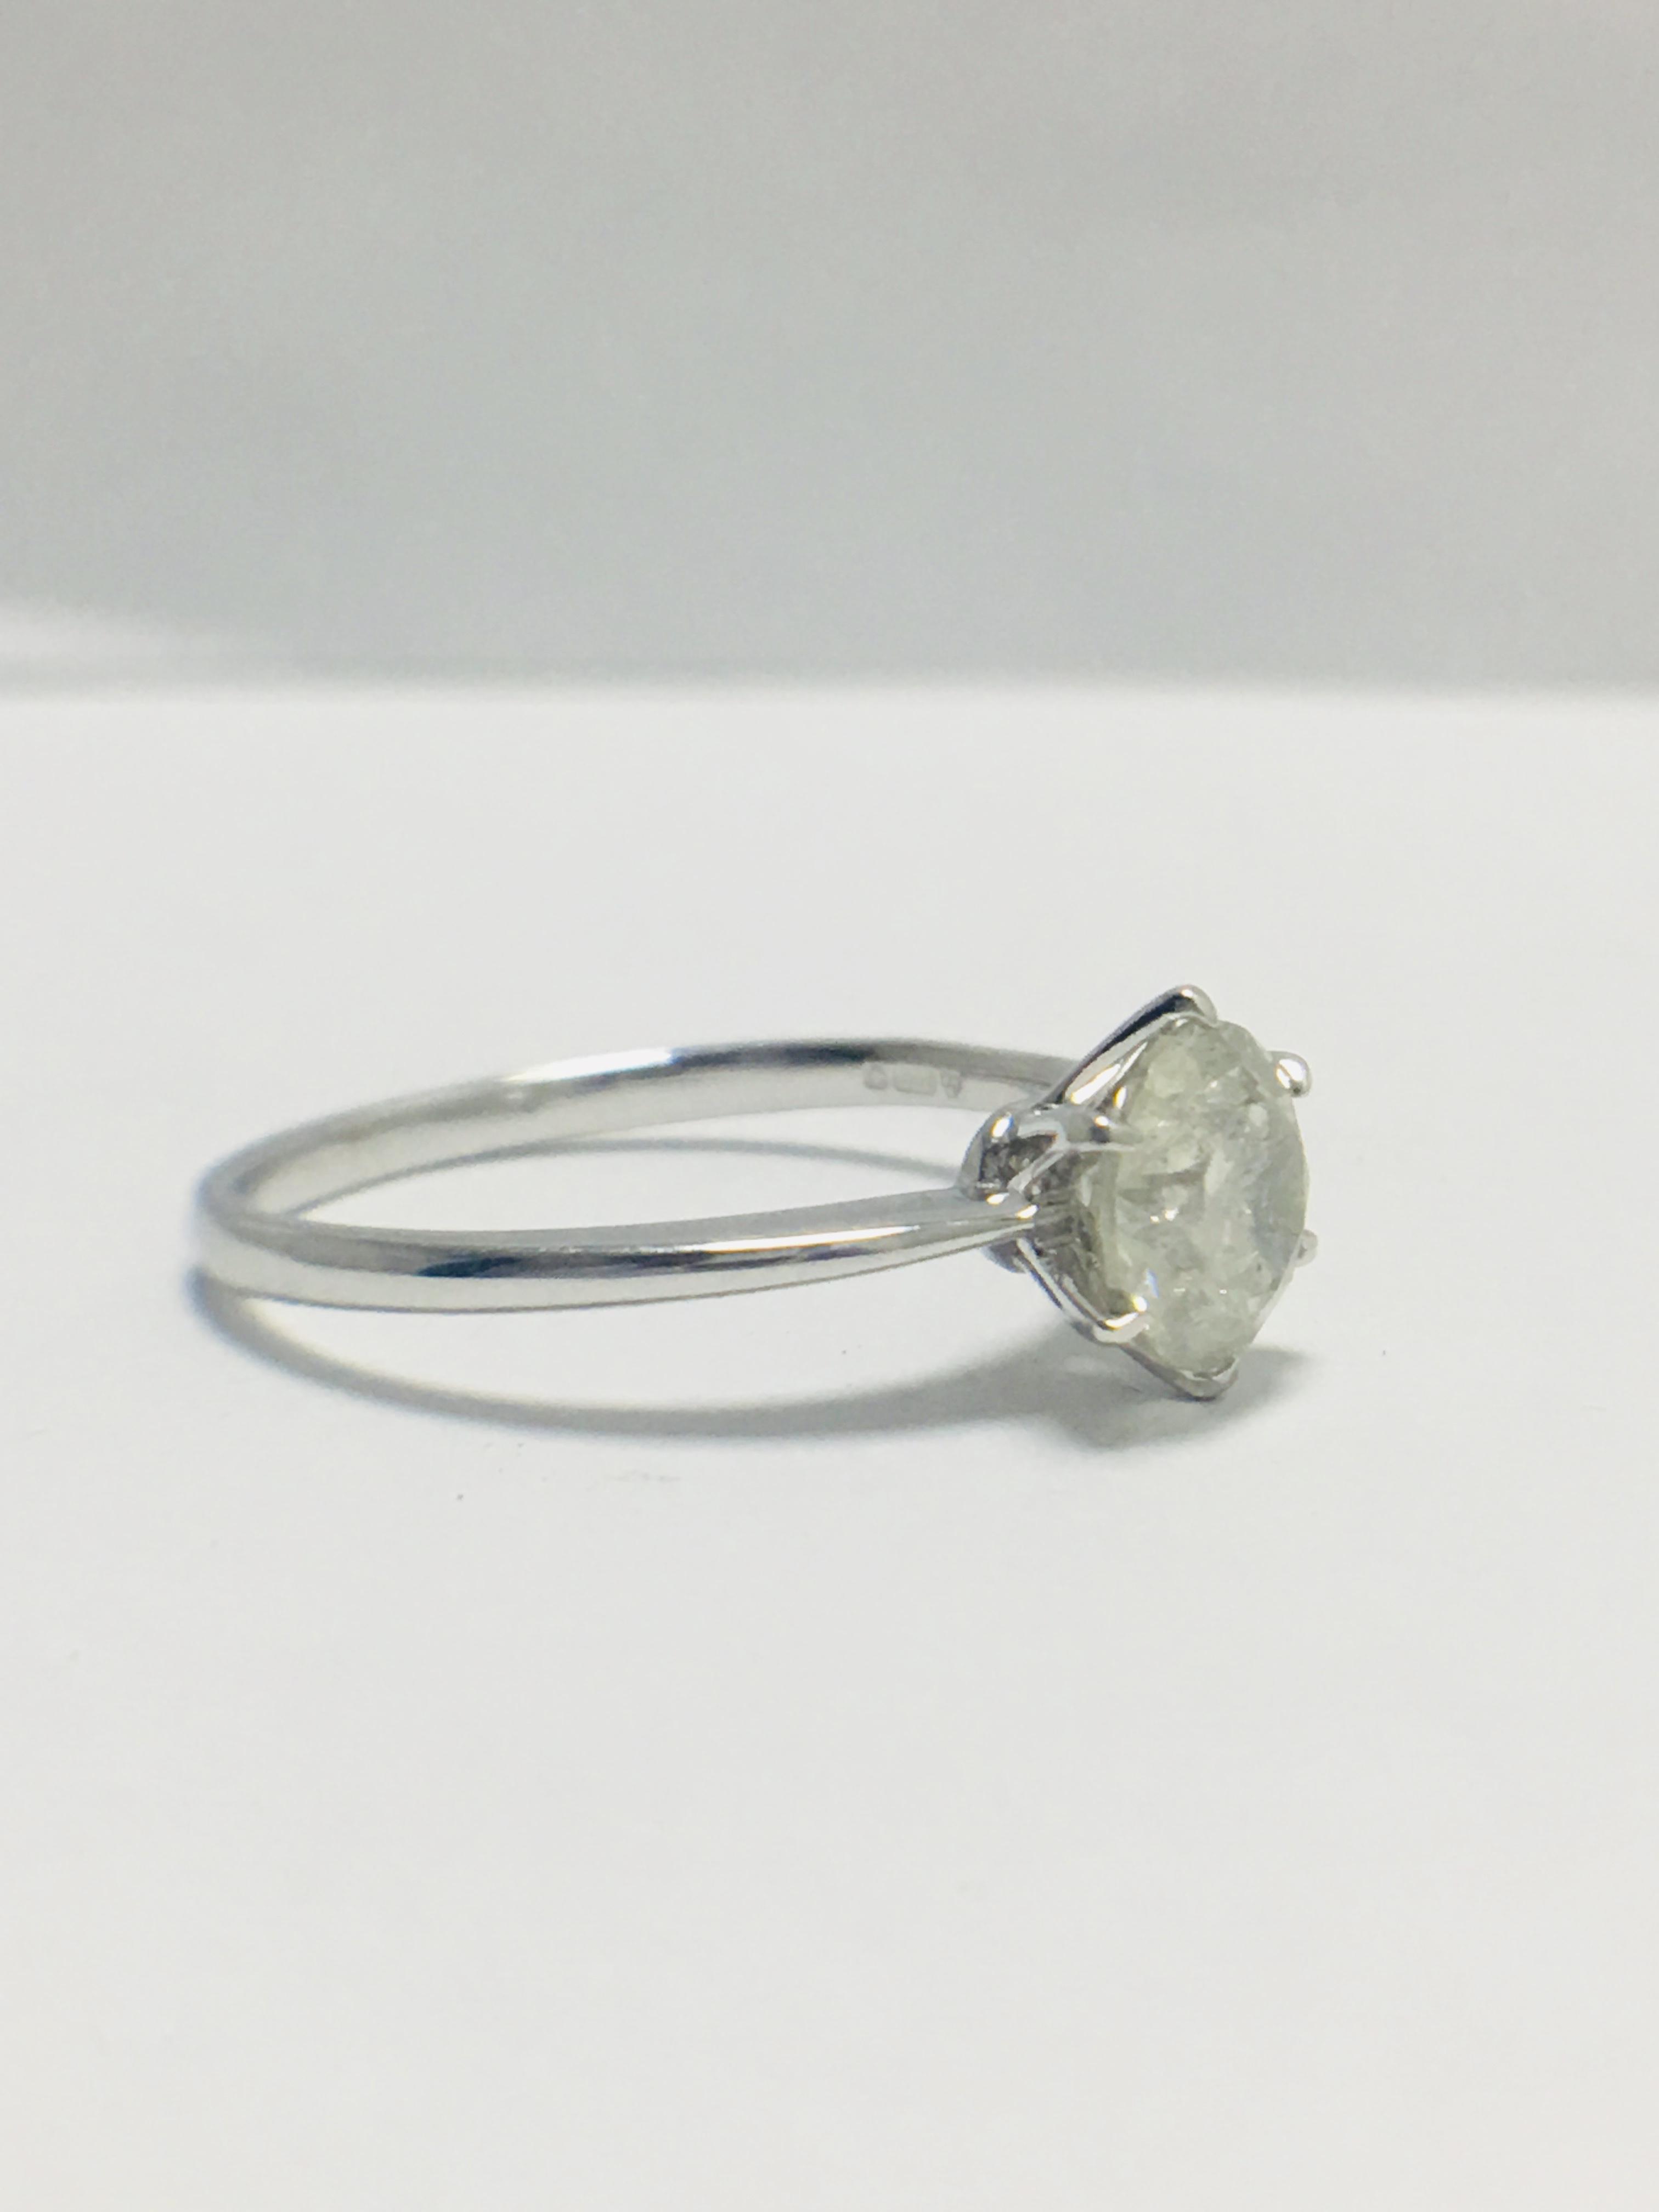 1ct platinum Diamond solitaire ring - Image 7 of 10